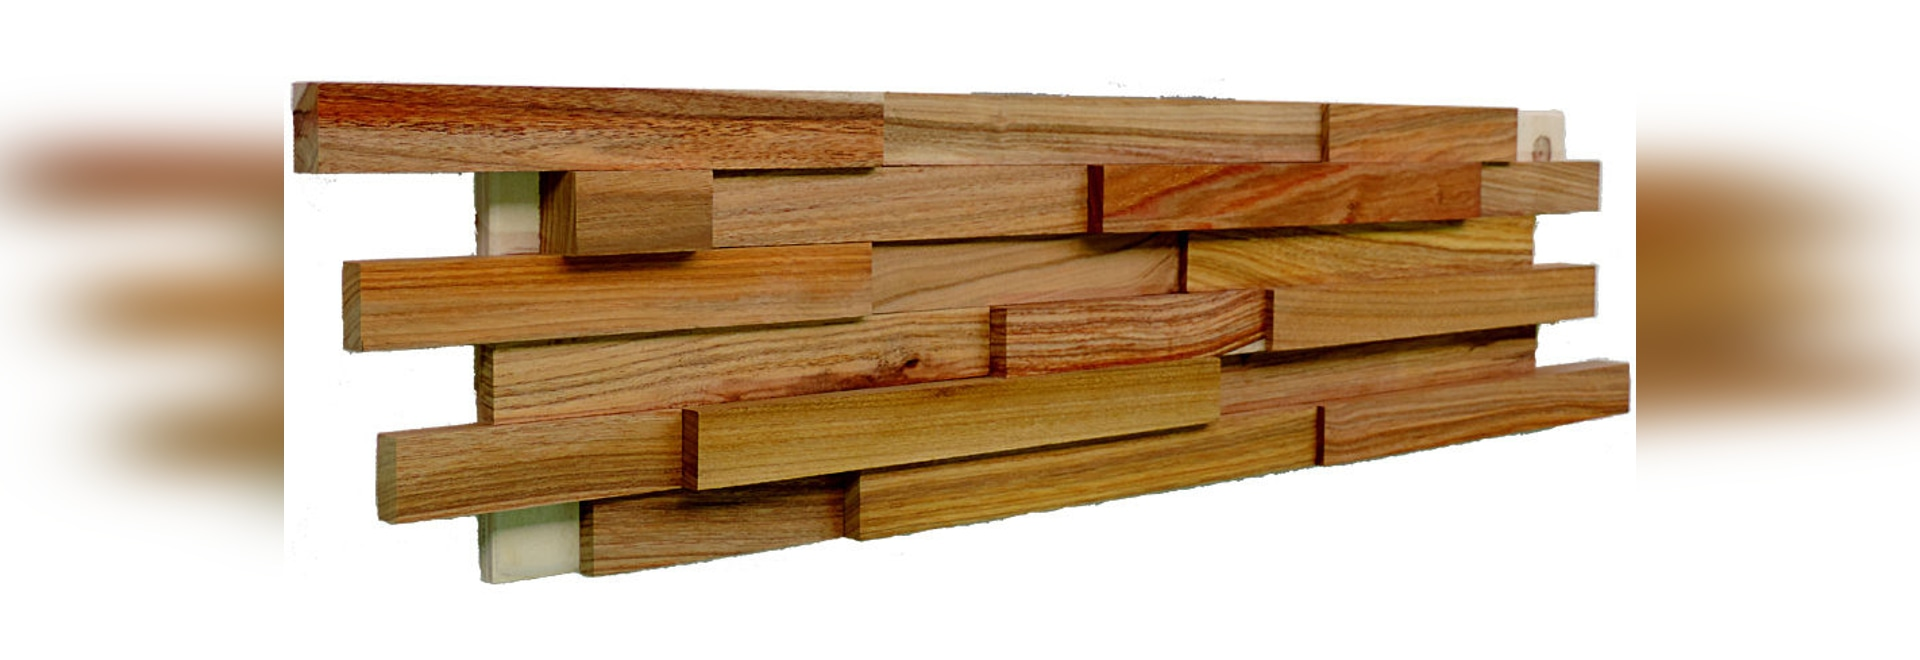 Super NUOVO: rivestimento di legno della parete da INPA Parket - INPA Parket XY85